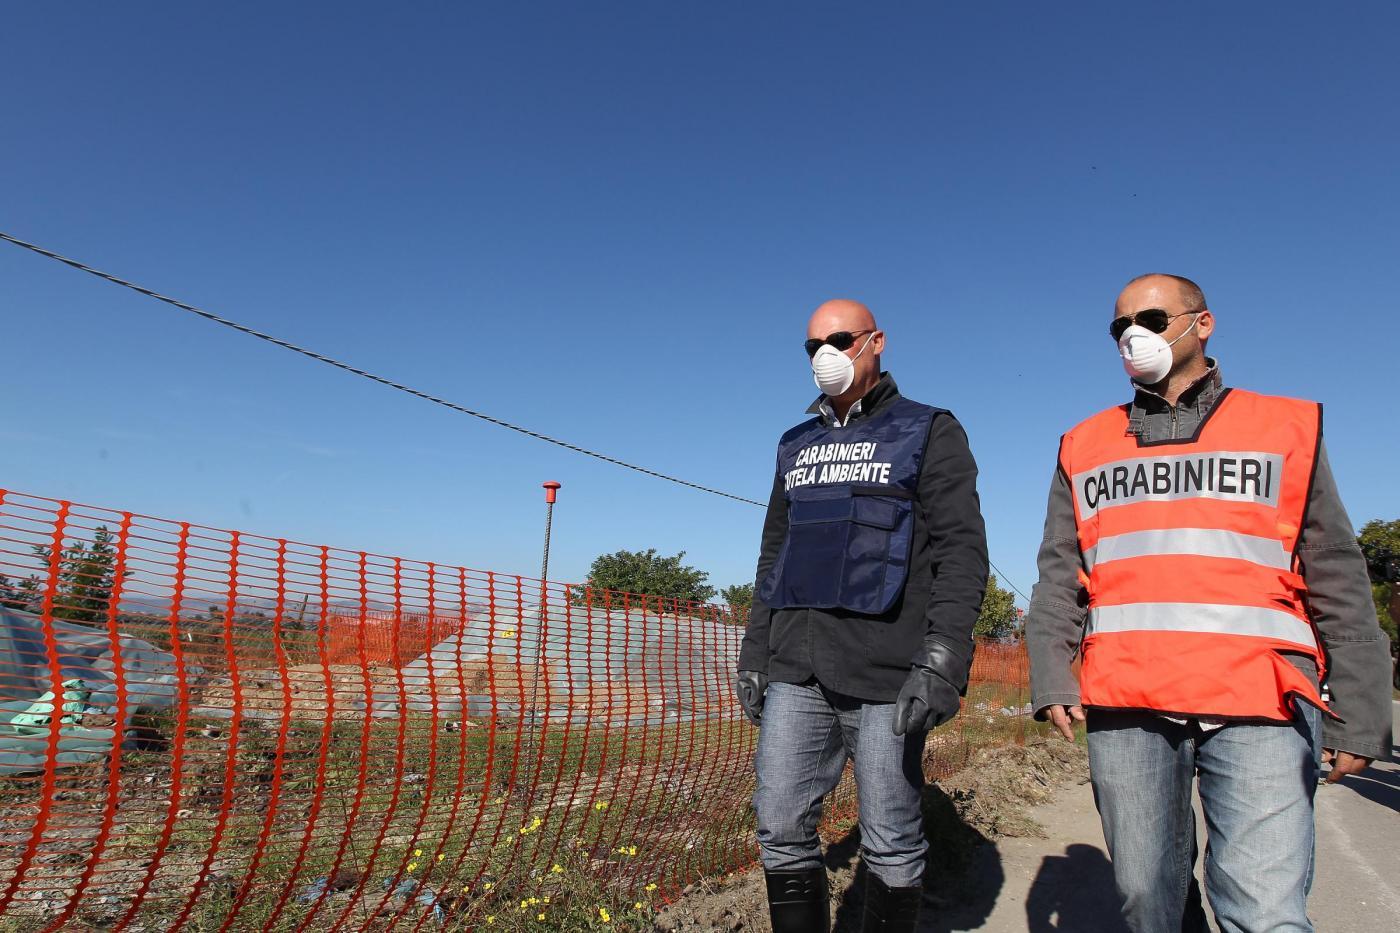 Rifiuti tossici in Lombardia: le scorie arrivano dall'Europa dell'Est